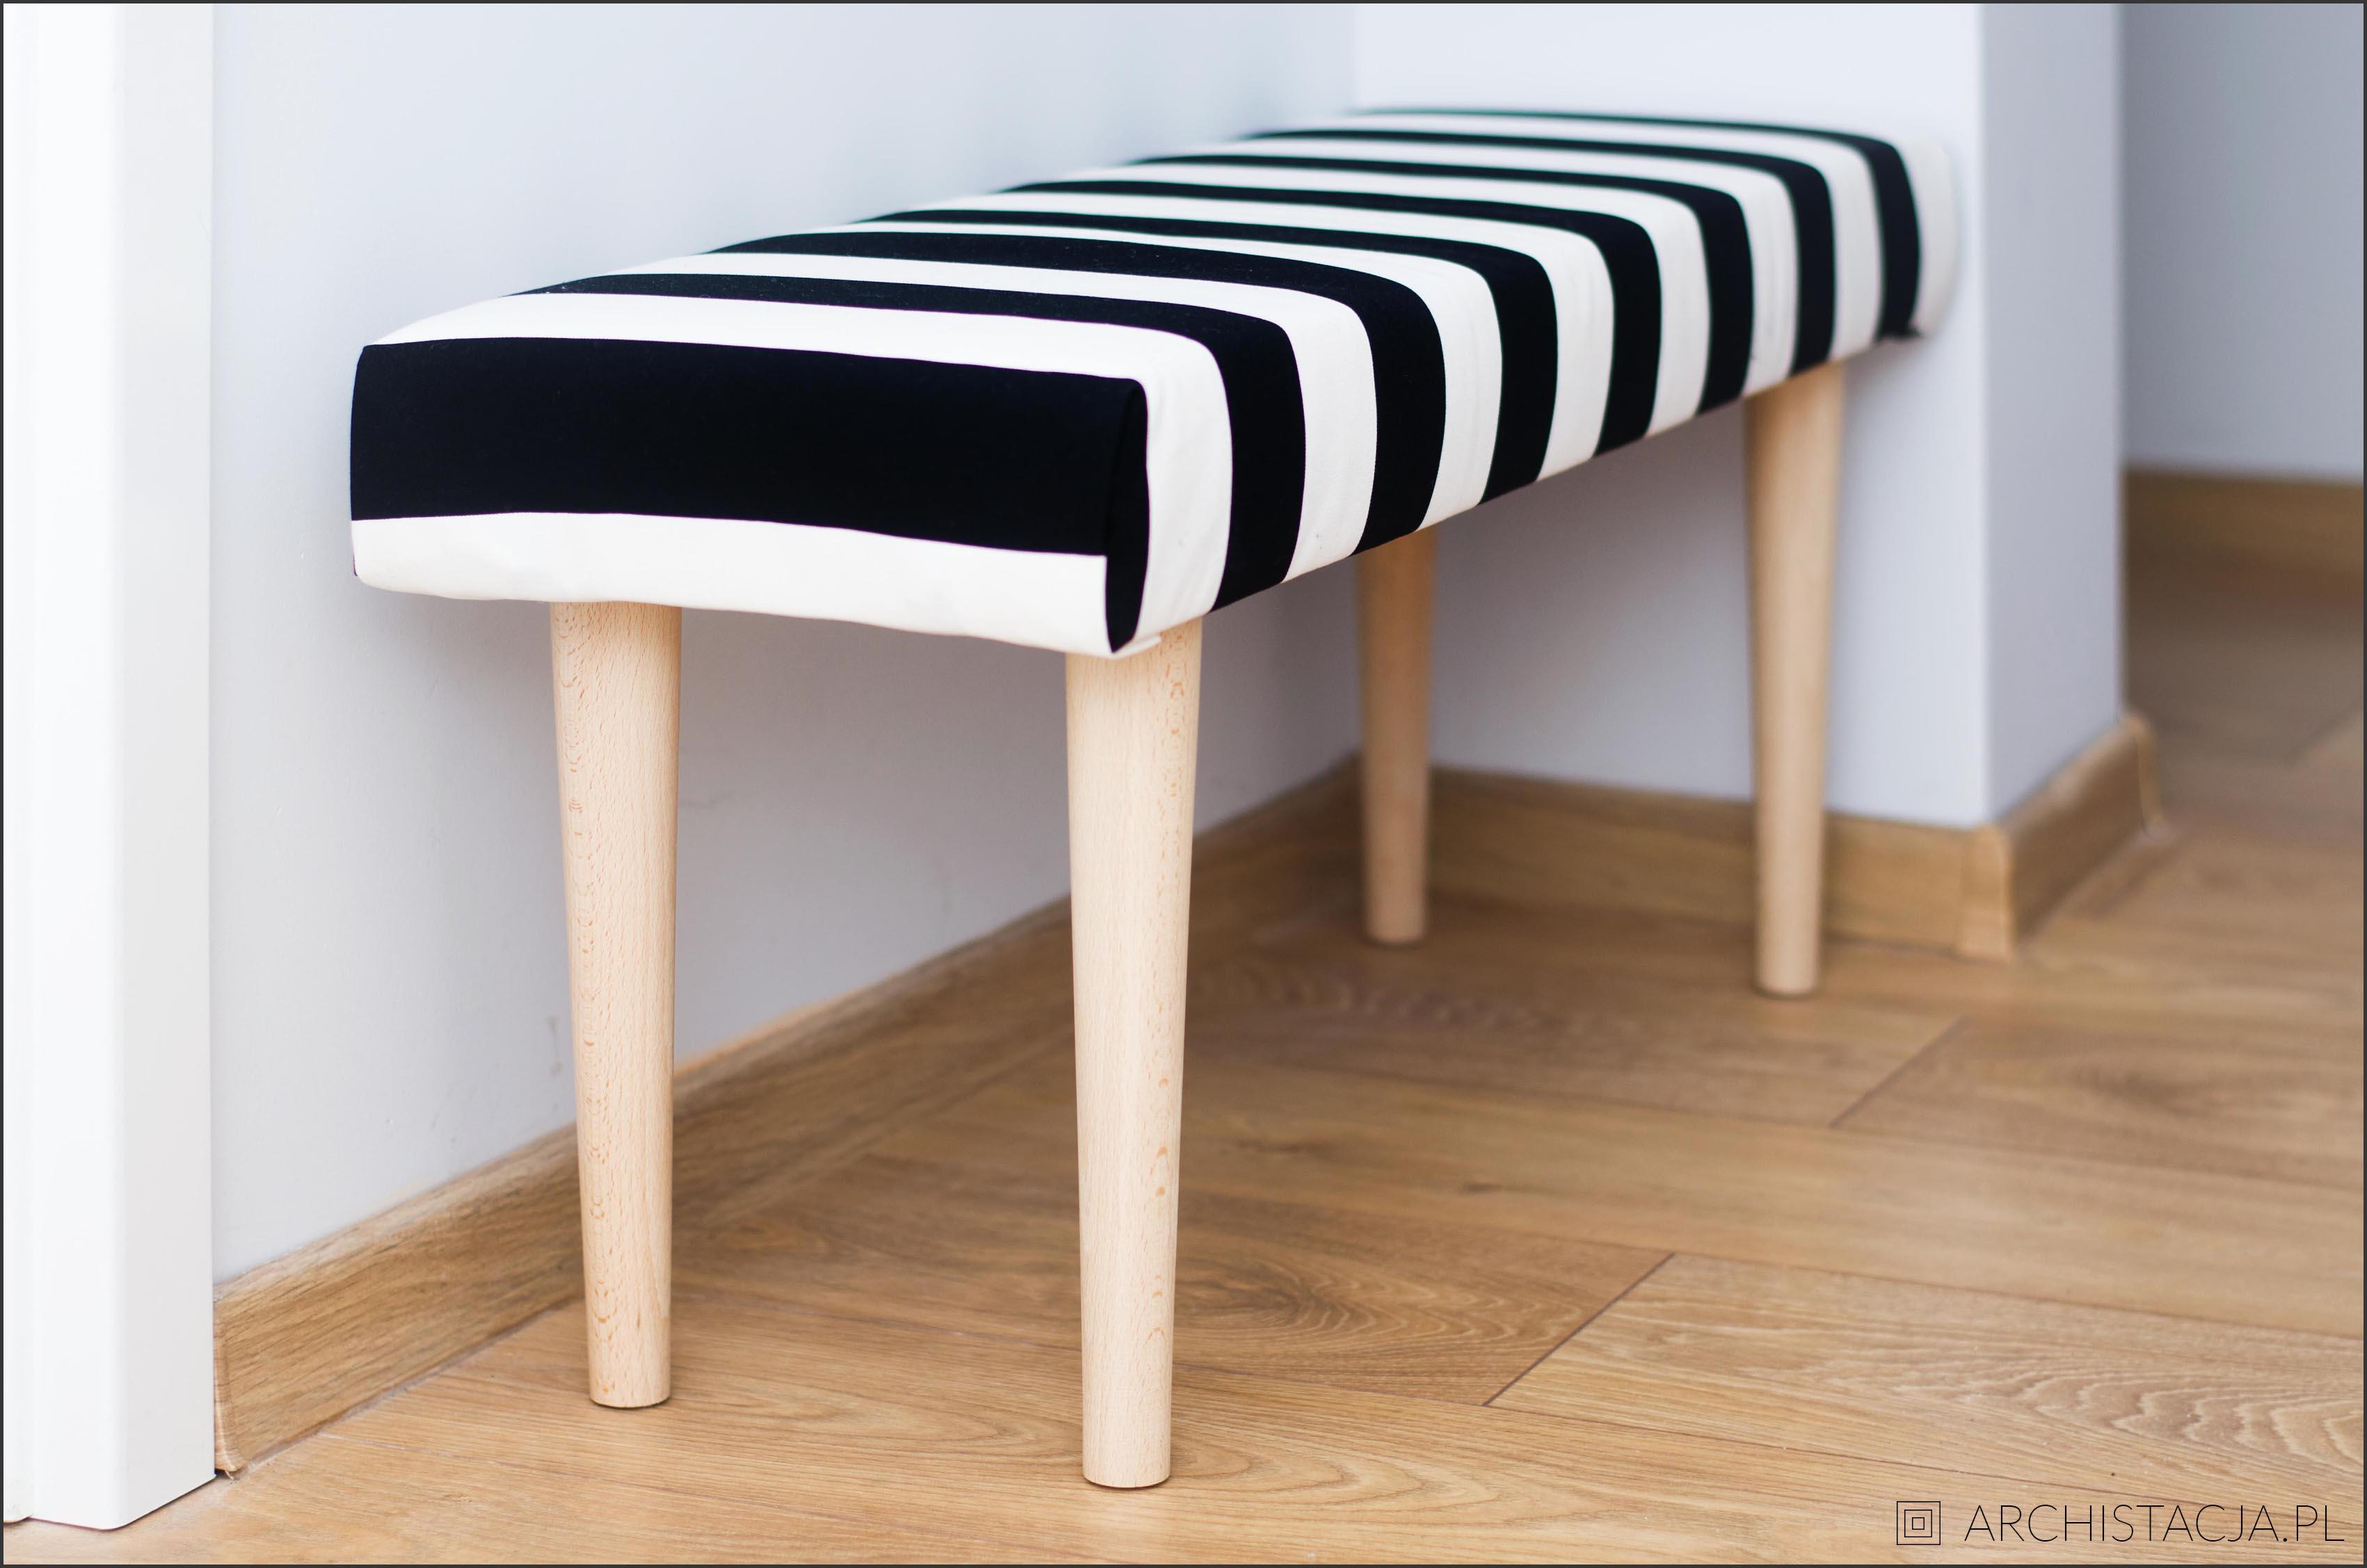 ławka Do Przedpokoju Diy Archistacjapl